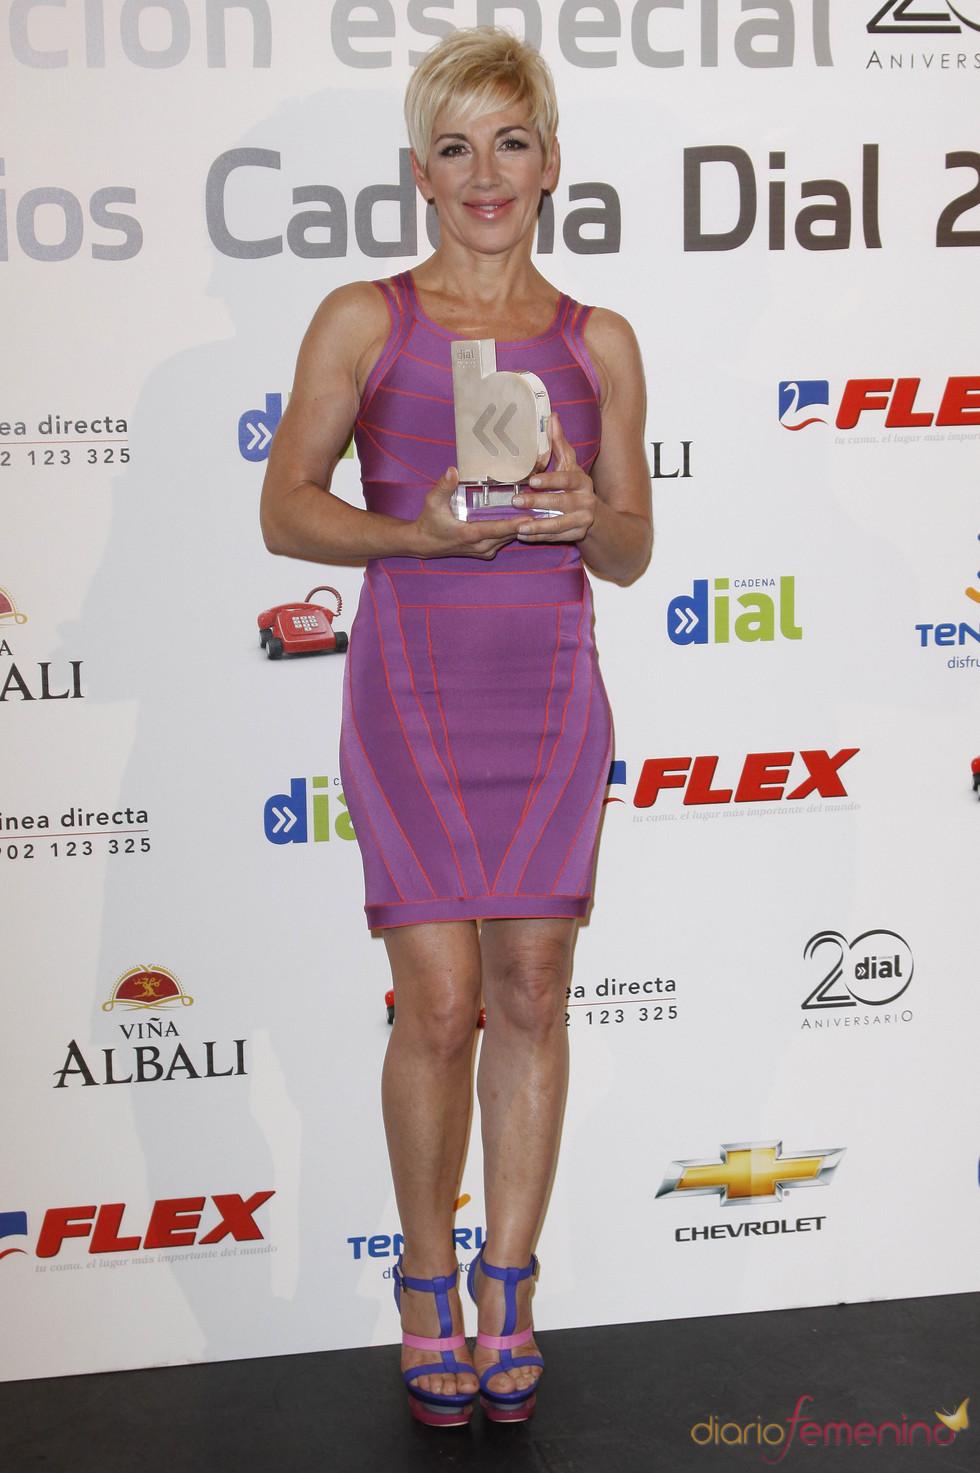 Ana Torroja en los Premios Cadena Dial 2011